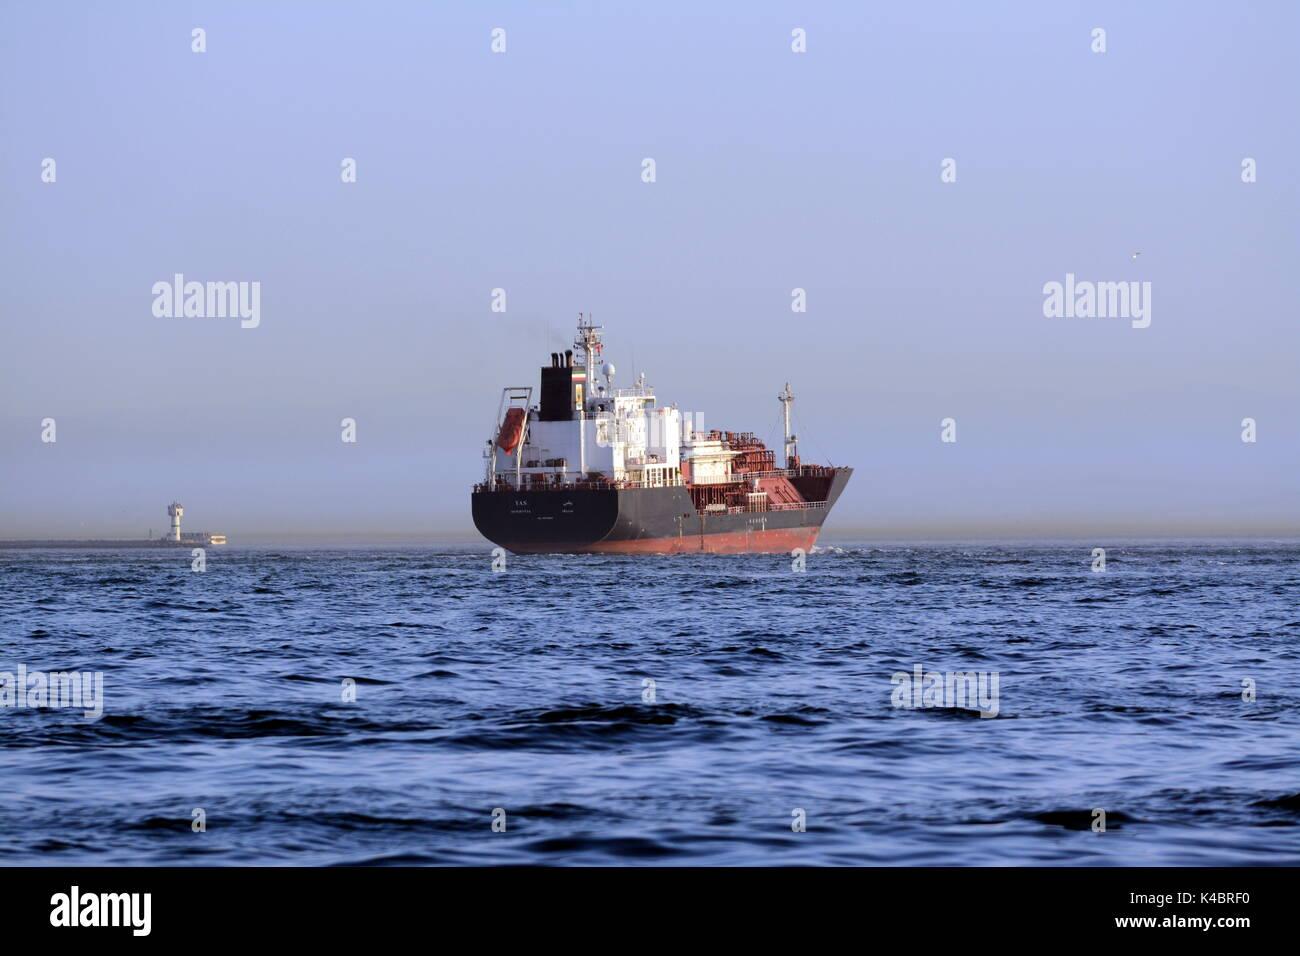 Lpg Tanker Yas Monrovia On The Bosporus, Istanbul - Stock Image